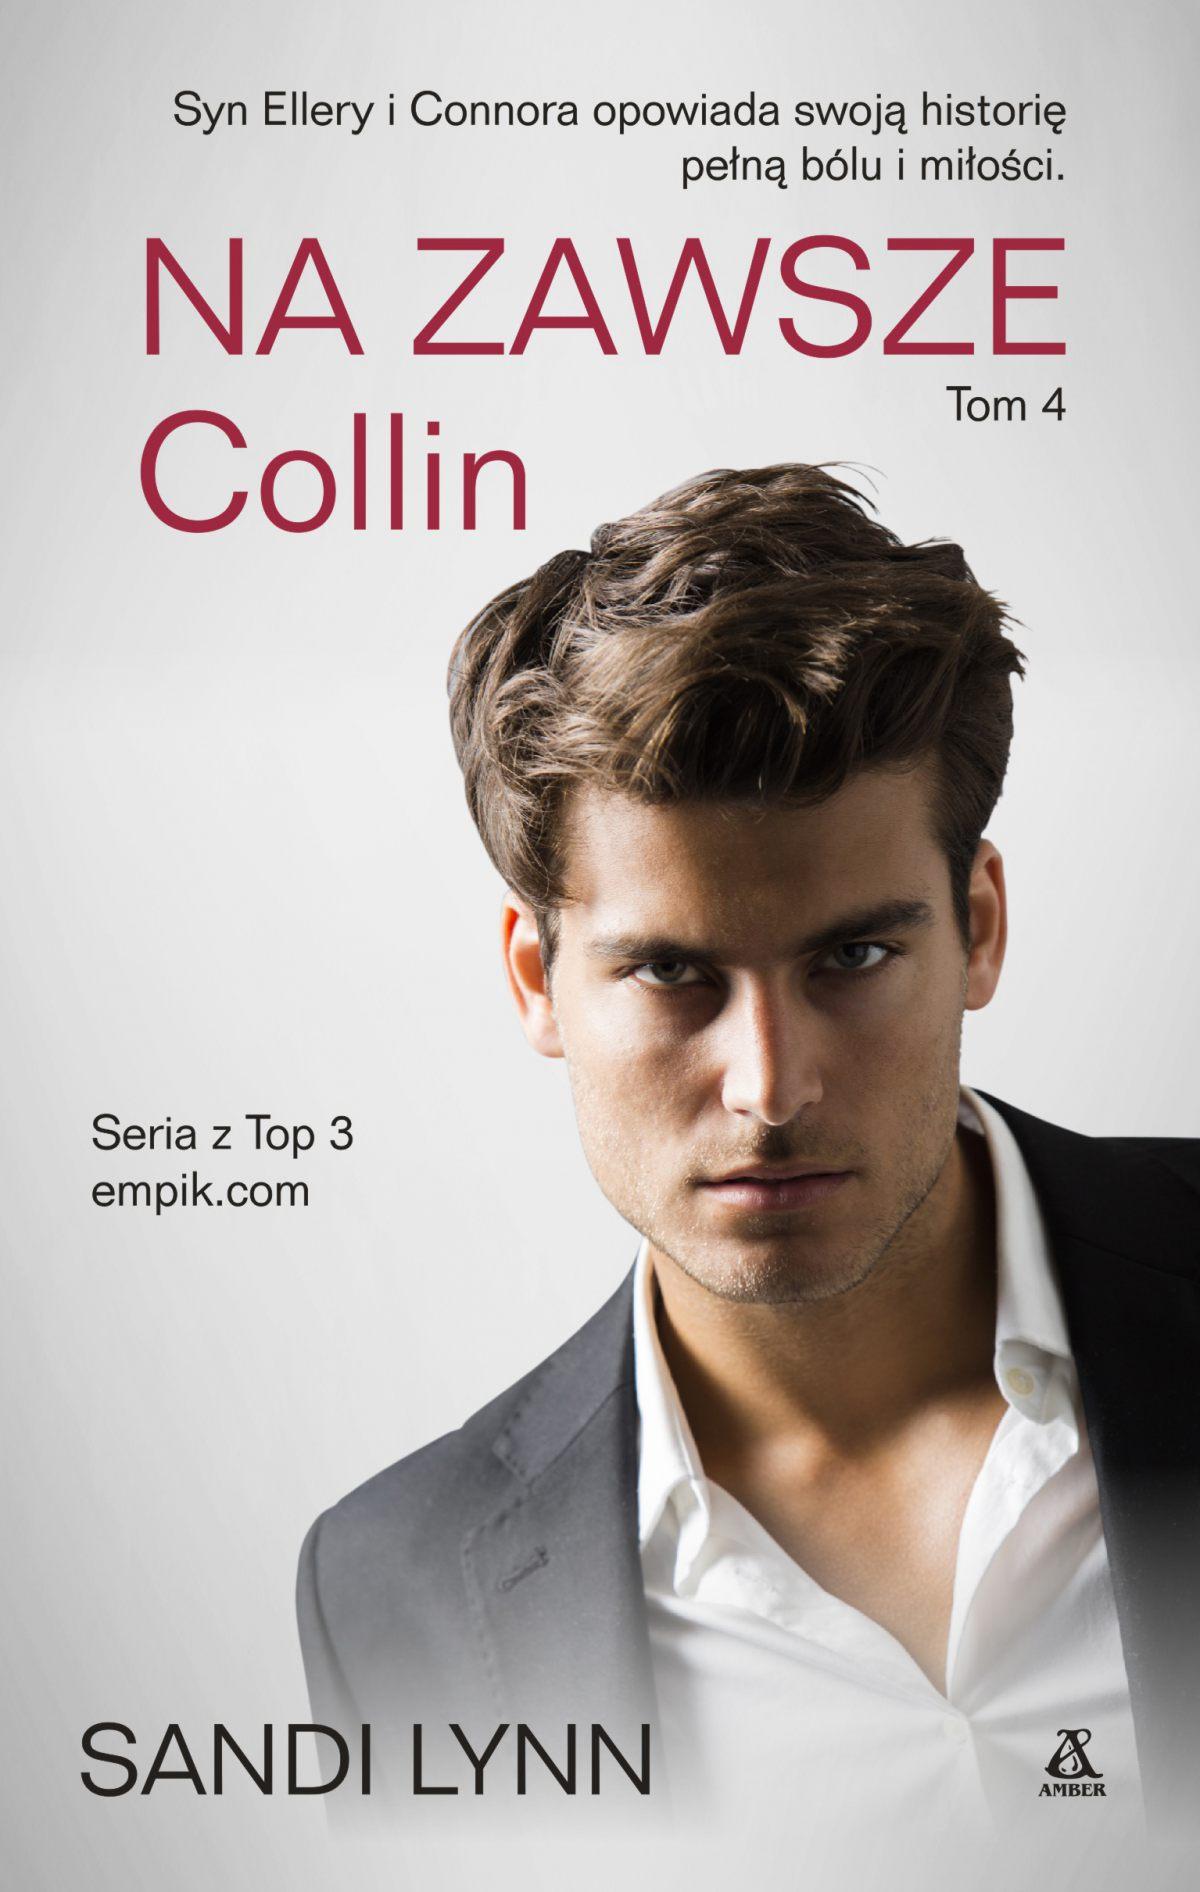 Na Zawsze. Tom 4 Collin - Ebook (Książka EPUB) do pobrania w formacie EPUB